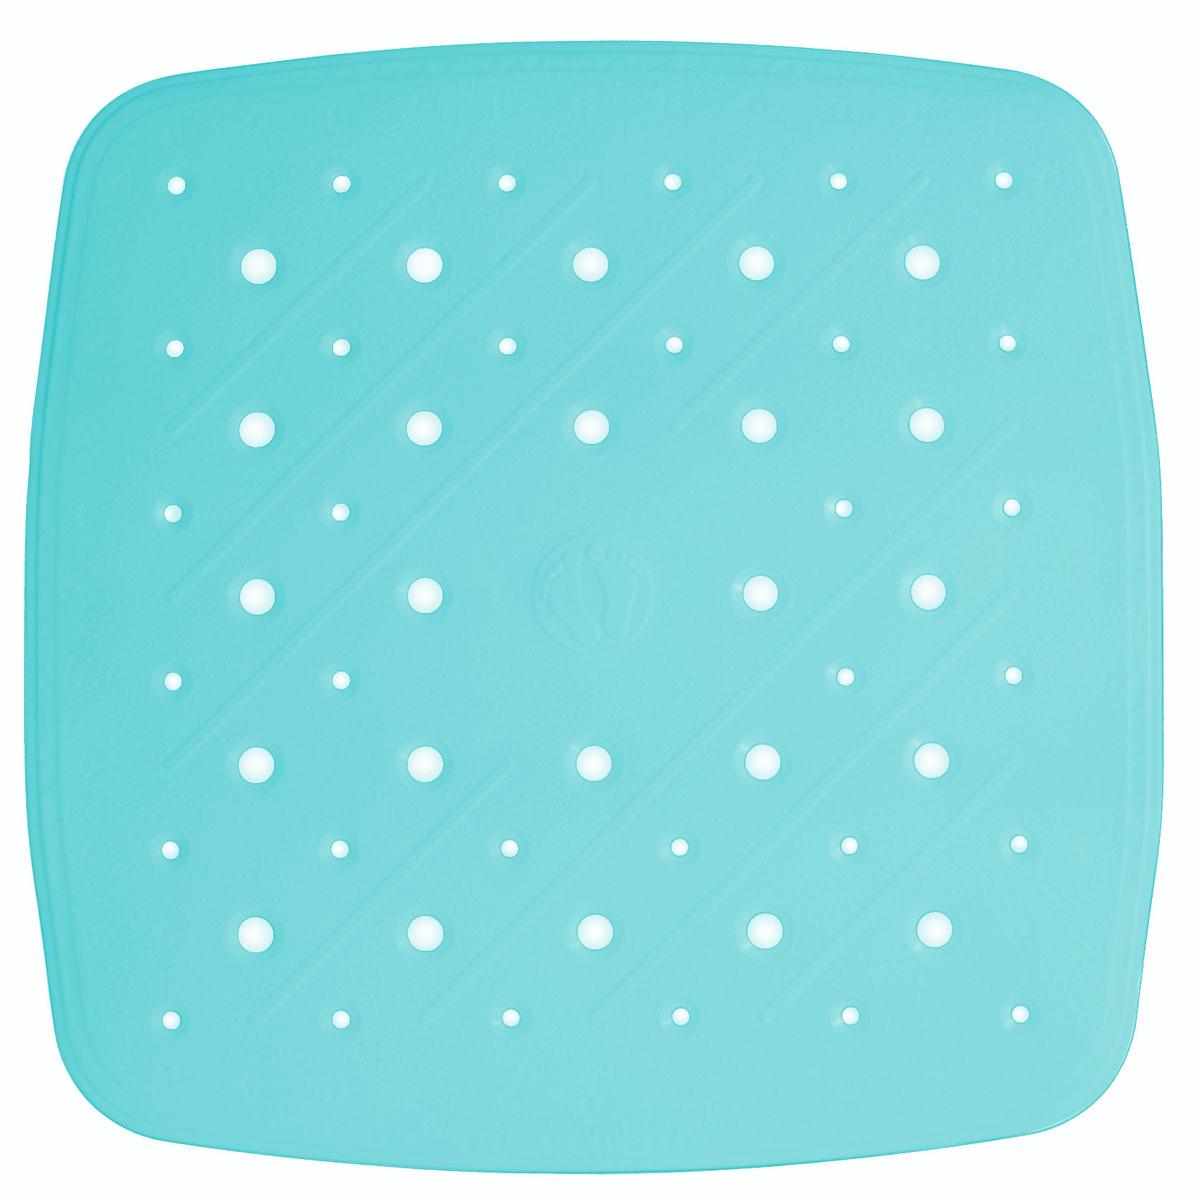 Коврик для ванной Ridder Promo, противоскользящий, на присосках, цвет: голубой, 51 х 51 см531-105Высококачественный немецкий коврик Ridder Promo создан для вашего удобства.Состав и свойства противоскользящего коврика: - синтетический каучук и ПВХ с защитой от плесени и грибка; - имеются присоски для крепления. Безопасность изделия соответствует стандартам LGA (Германия).